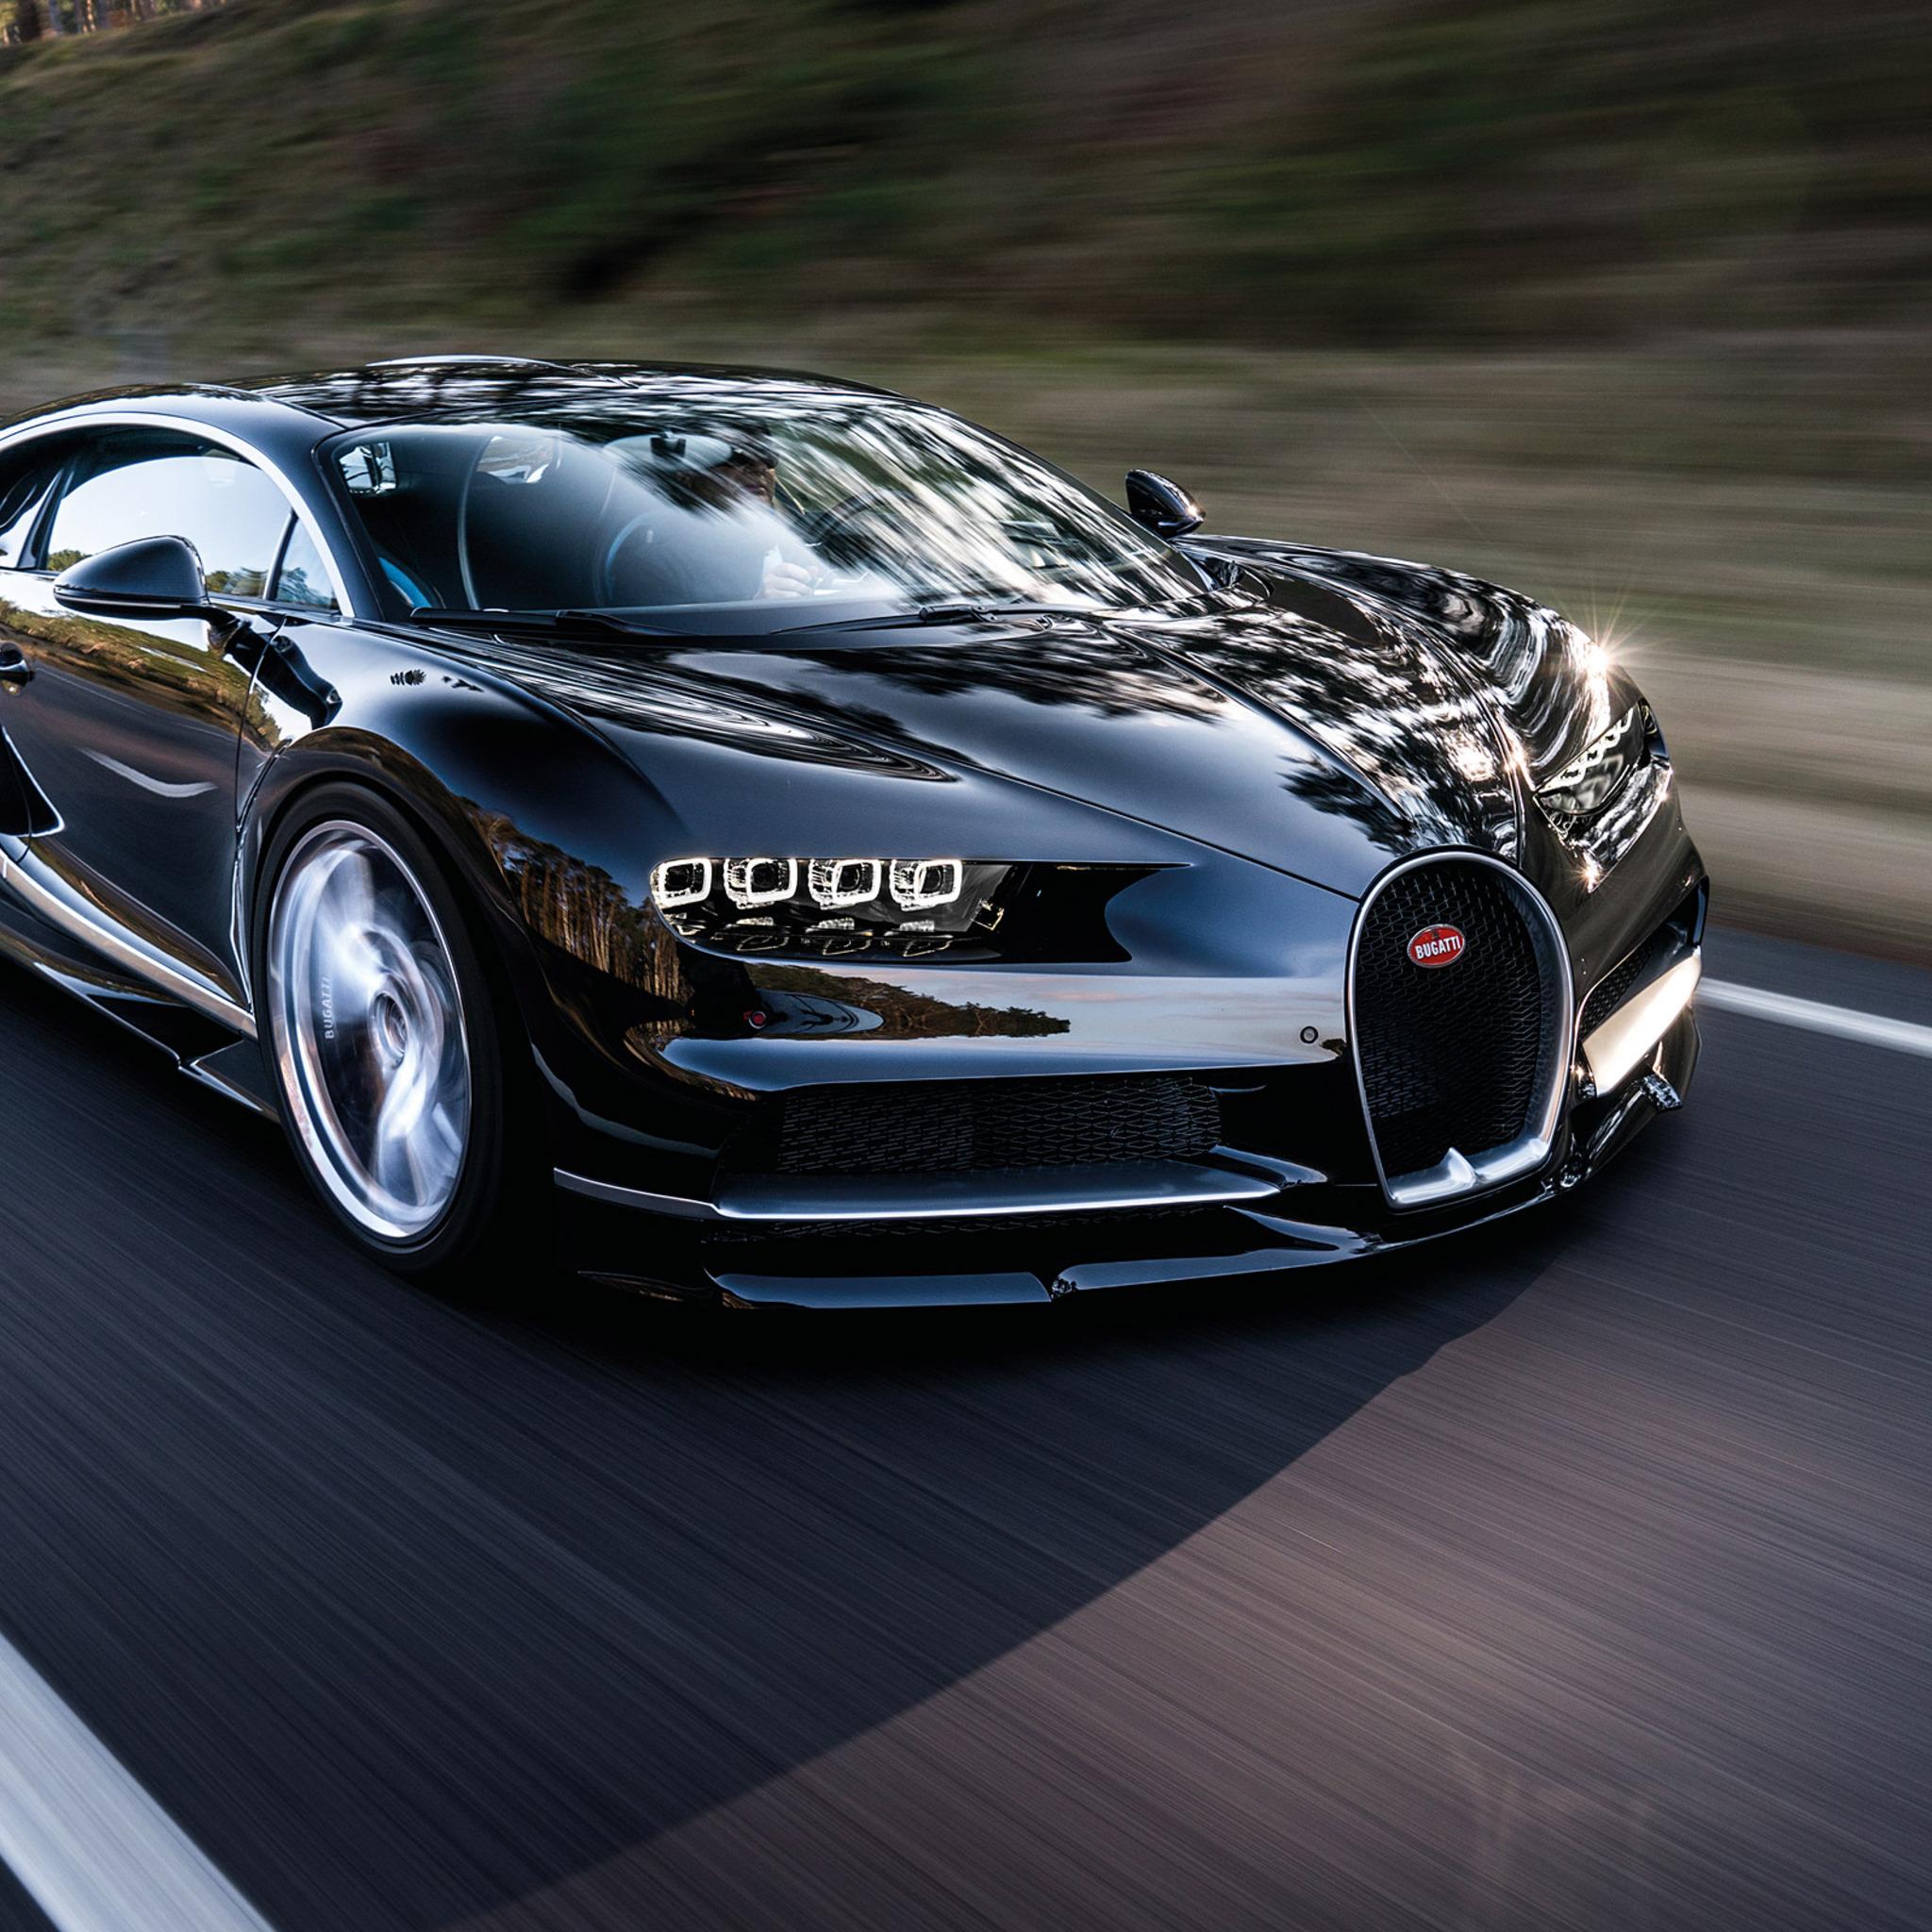 2048x2048 Bugatti Chiron Black Ipad Air HD 4k Wallpapers